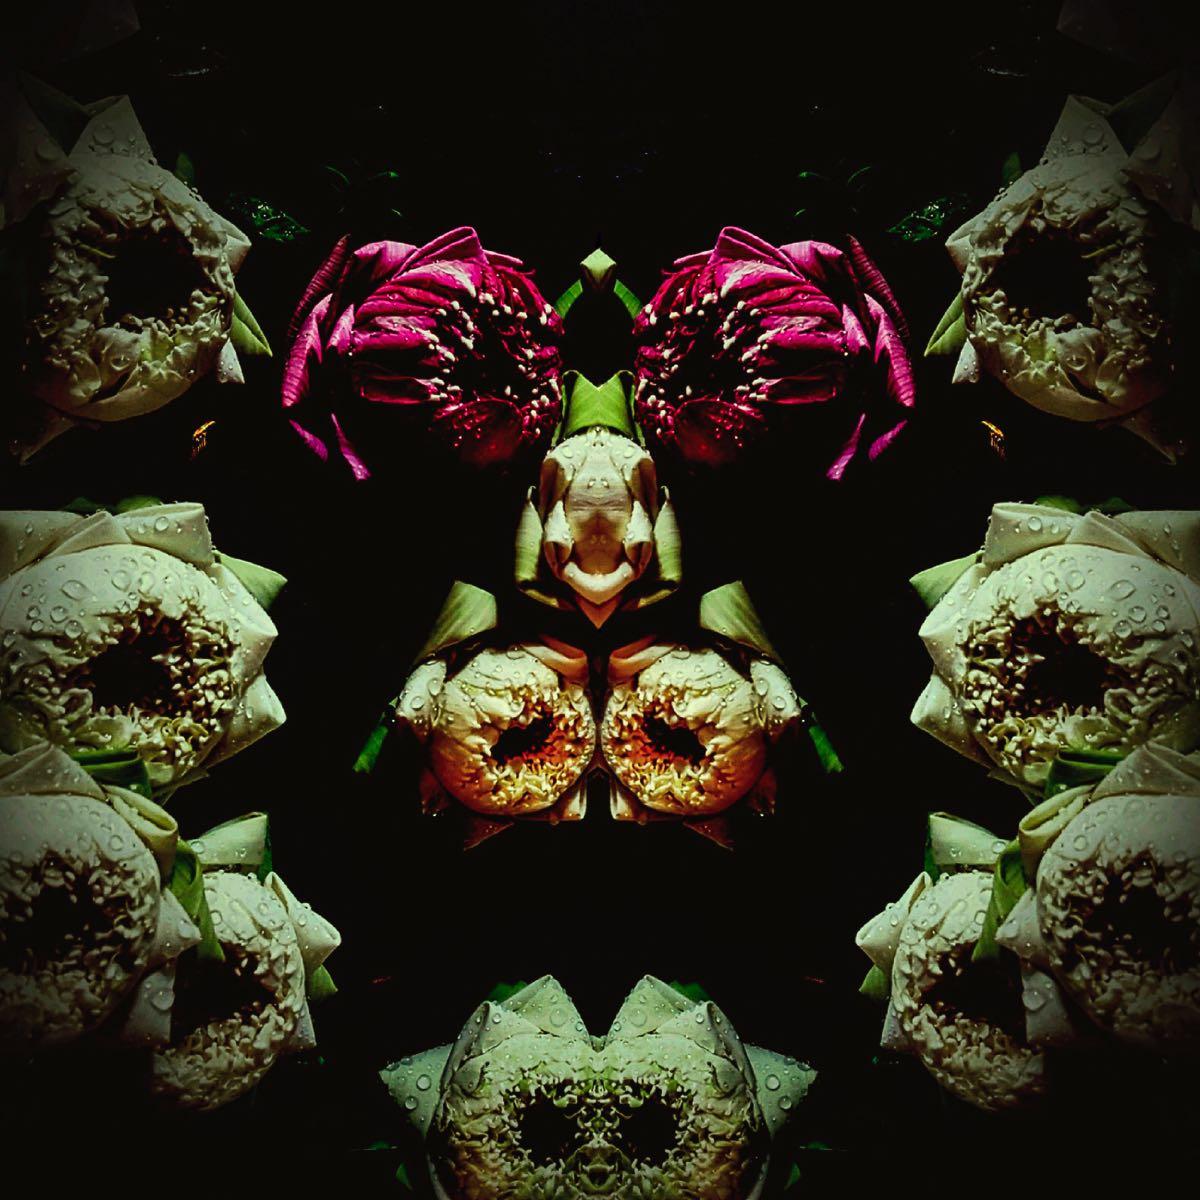 Subconscious - Flower Creatures #7 (40x40 cm) - Print on cotton paper 2020